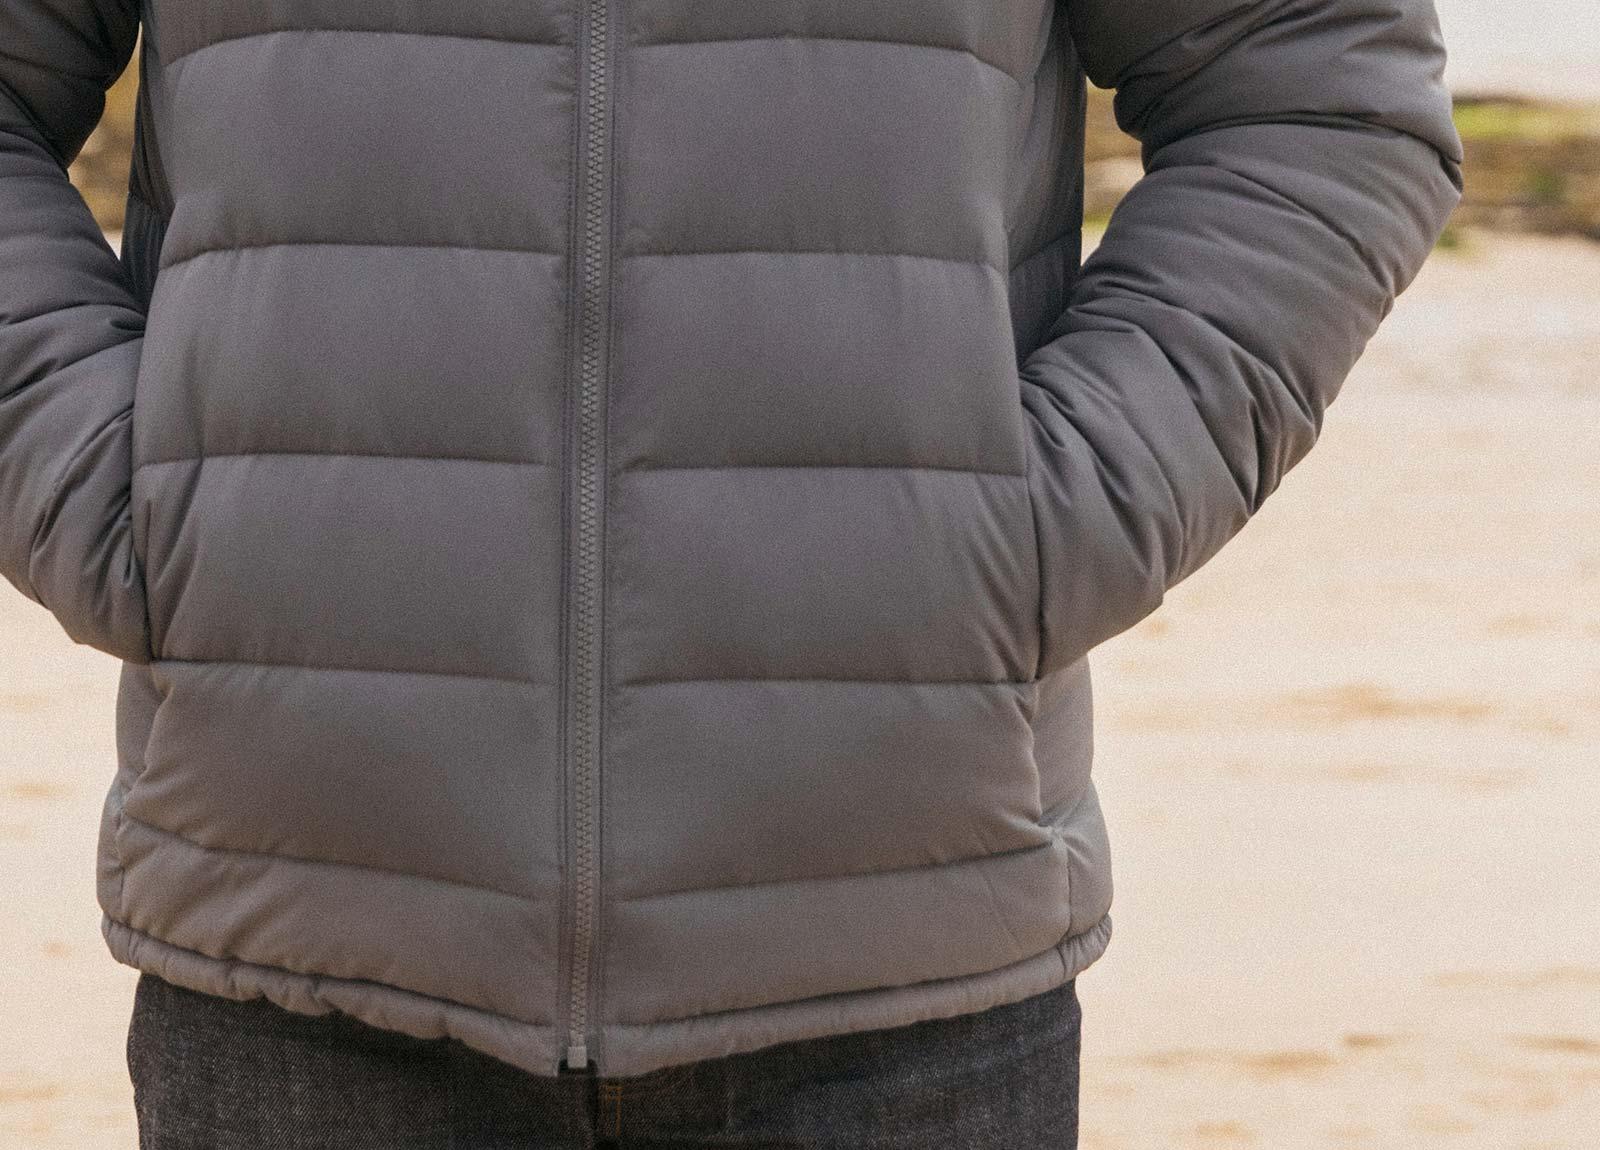 Hand Warmer Pockets